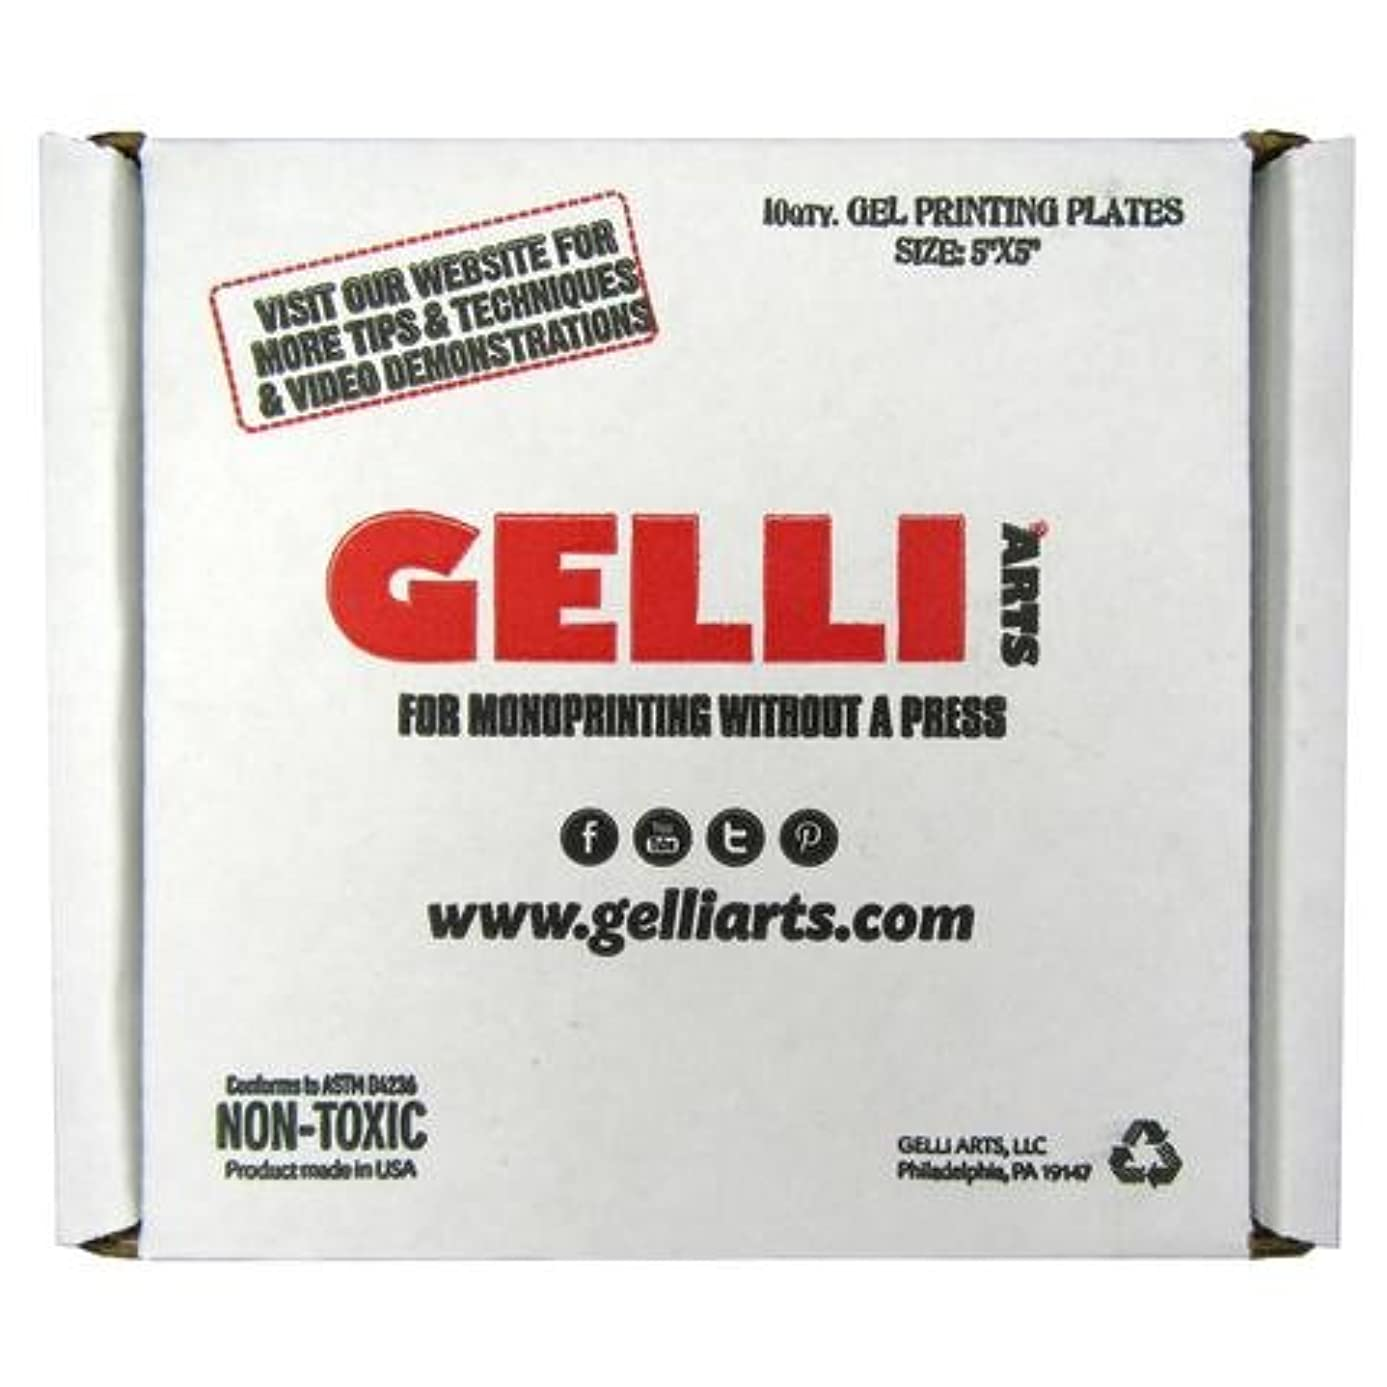 Gelli Arts Gel Printing Plate 5x5